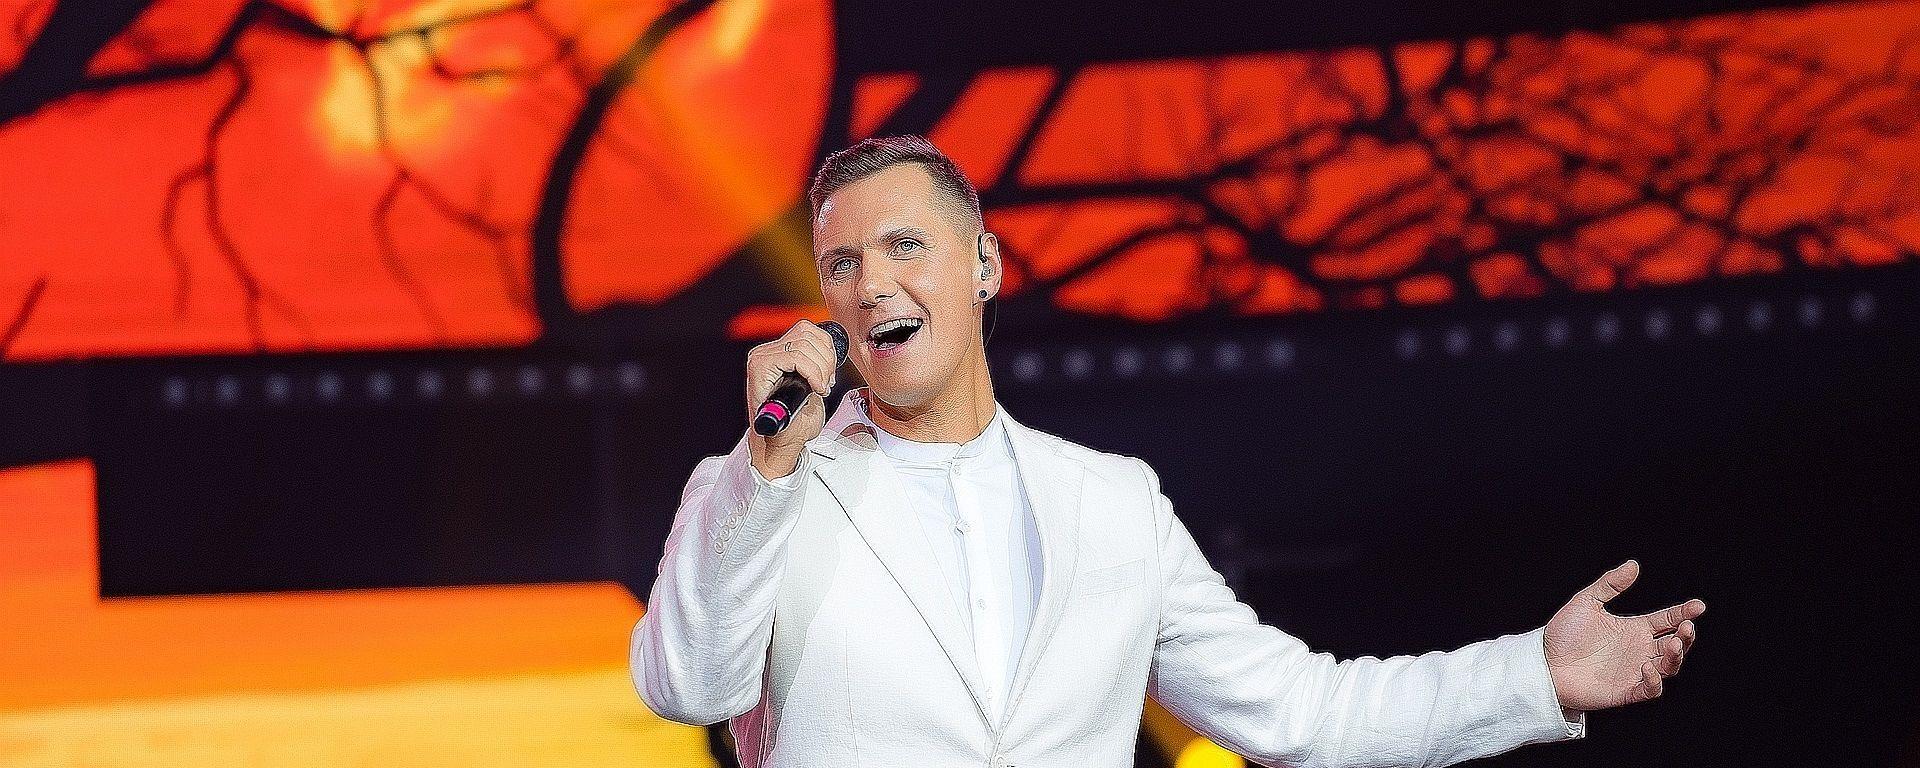 Певец Янис Лемежис, представляющий Латвию на ежегодном международном музыкальном фестивале Дорога на Ялту - Sputnik Латвия, 1920, 13.06.2021